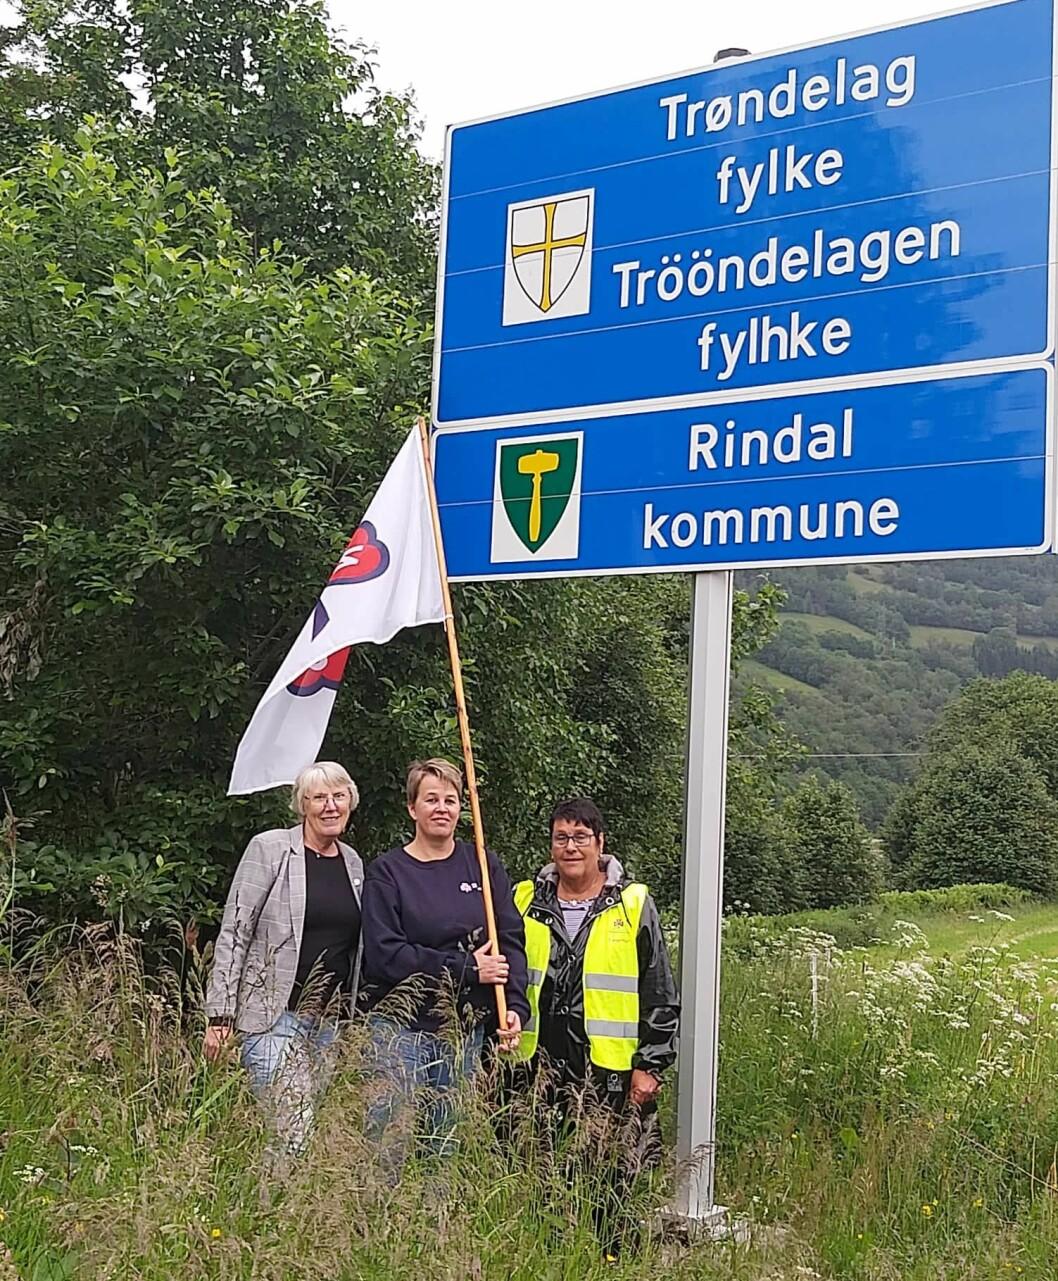 May Britt Hollås, leder i Surnadal sanitetsforening, Elinor Bolme, fylkesleder i NKS Møre og Romsdal, og Solveig Fosseide, leder i Rindal sanitetsforening.